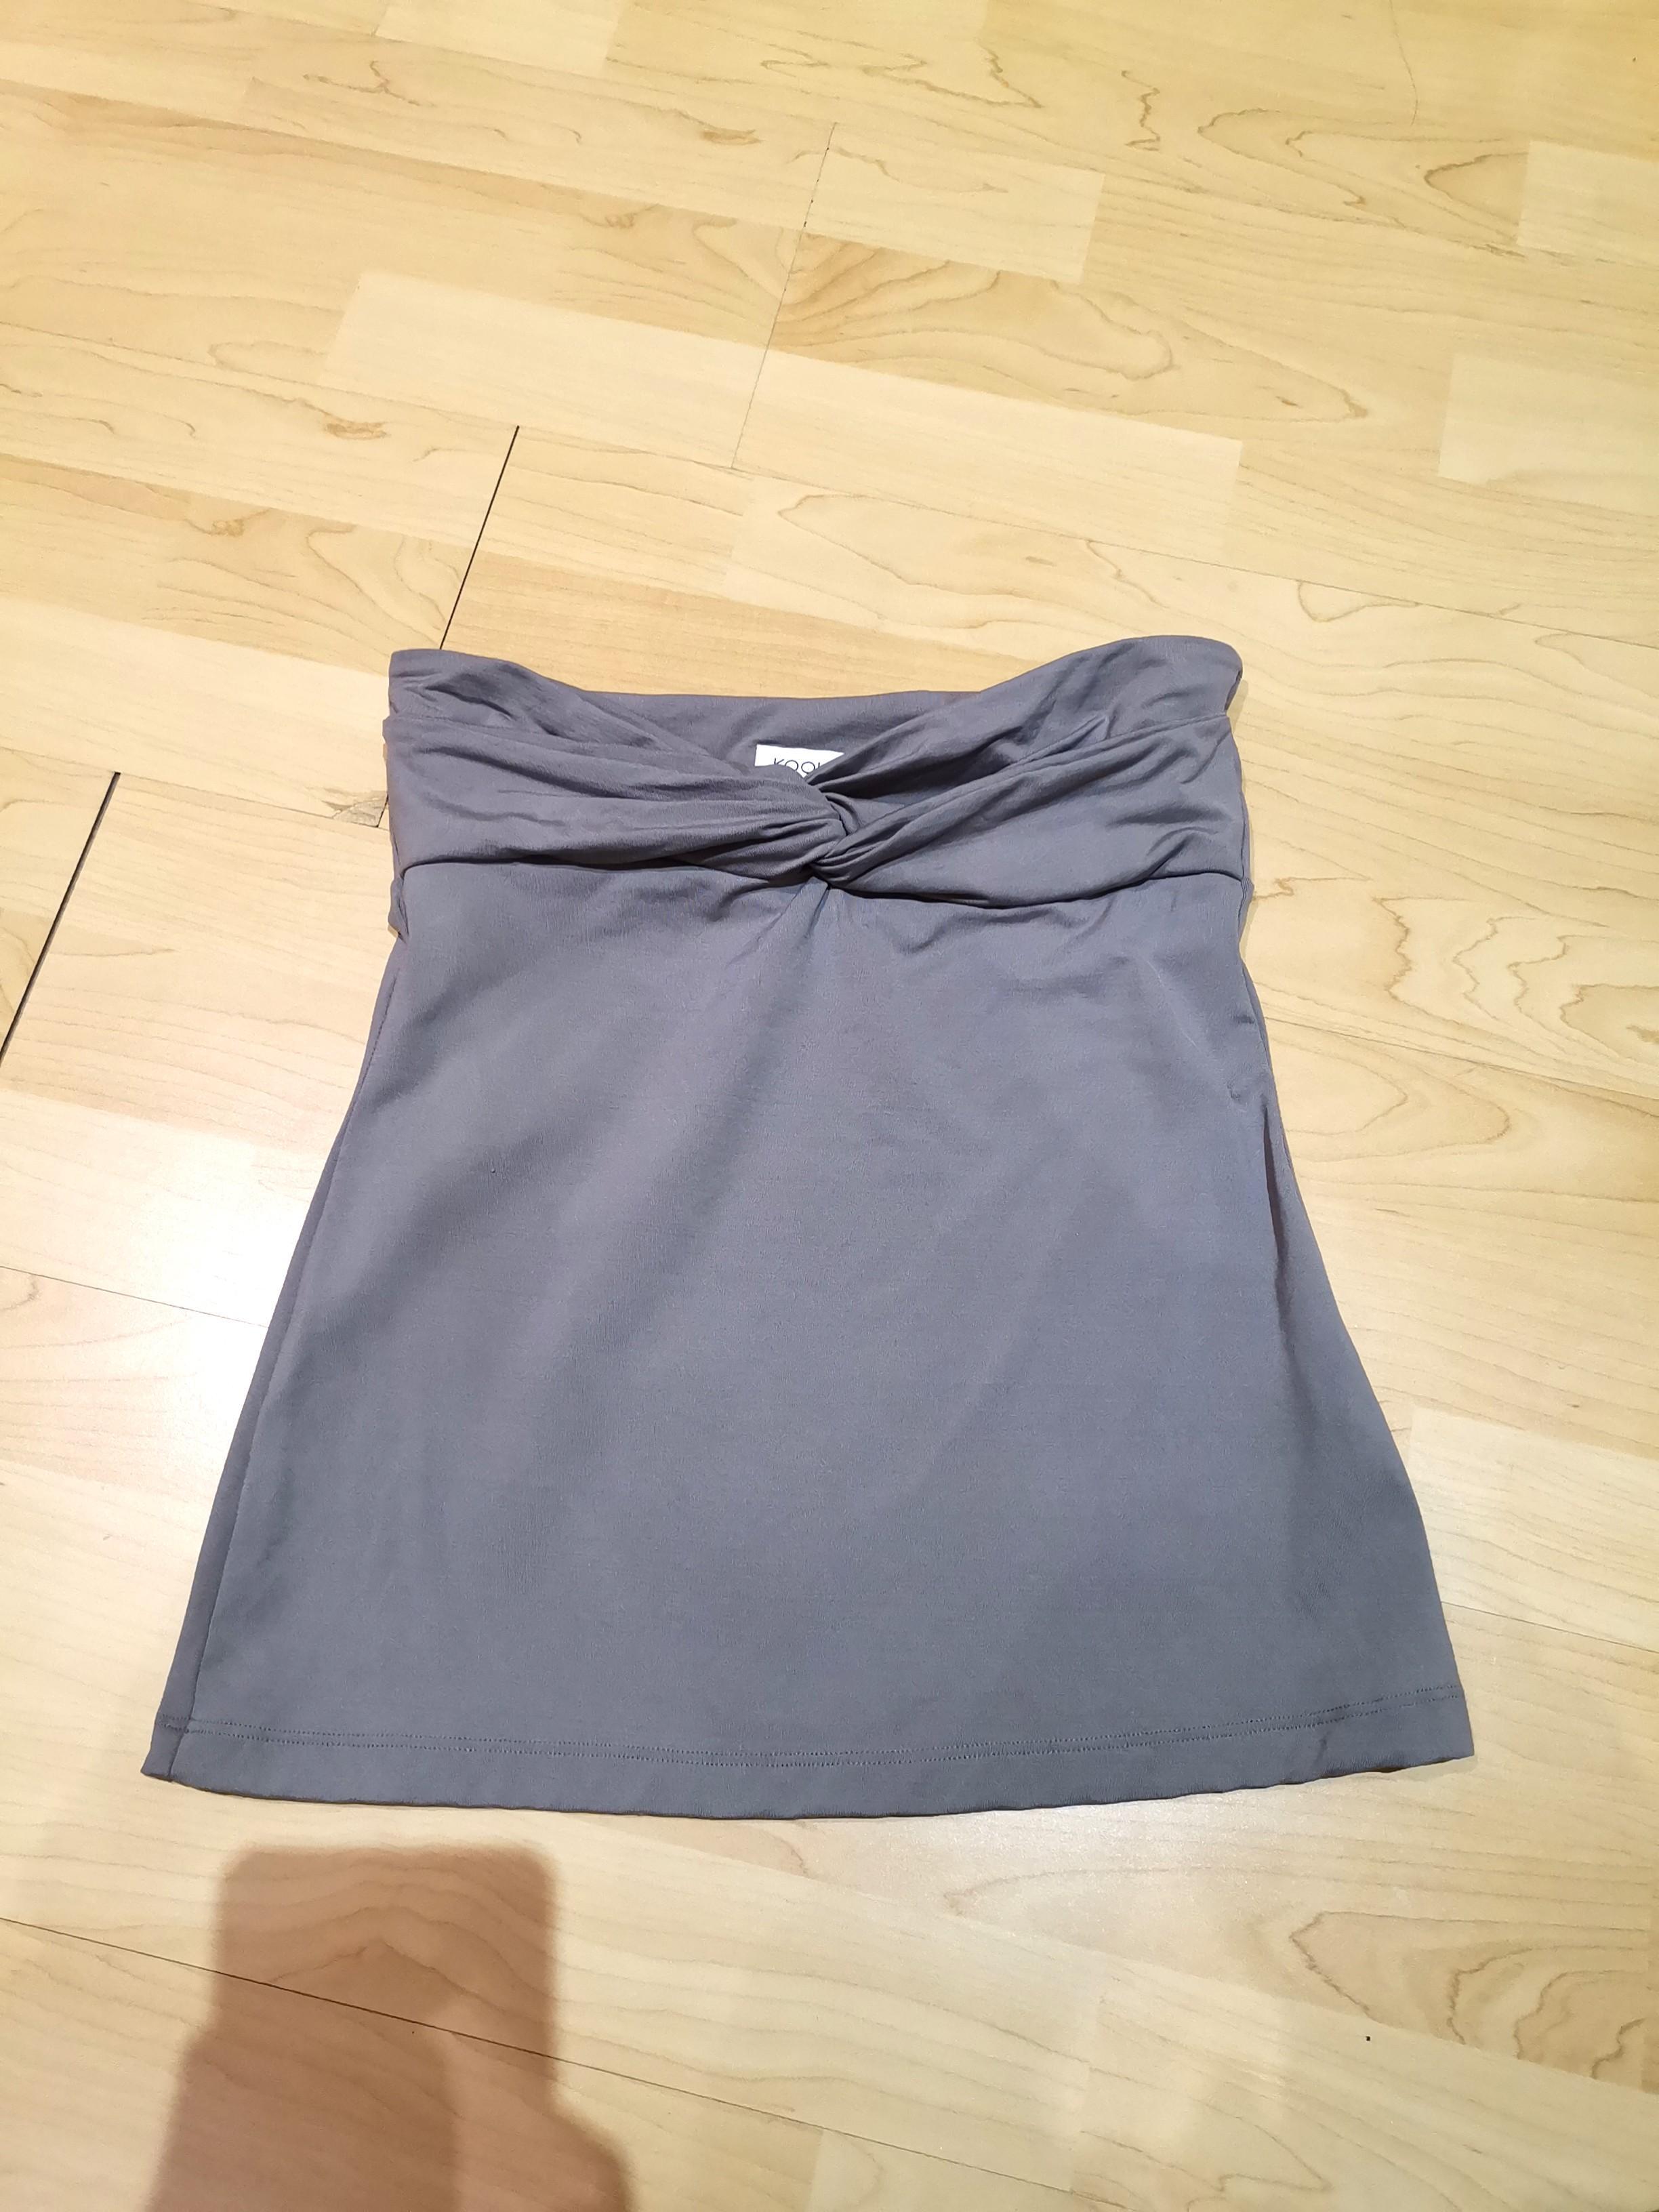 Kookai strapless top